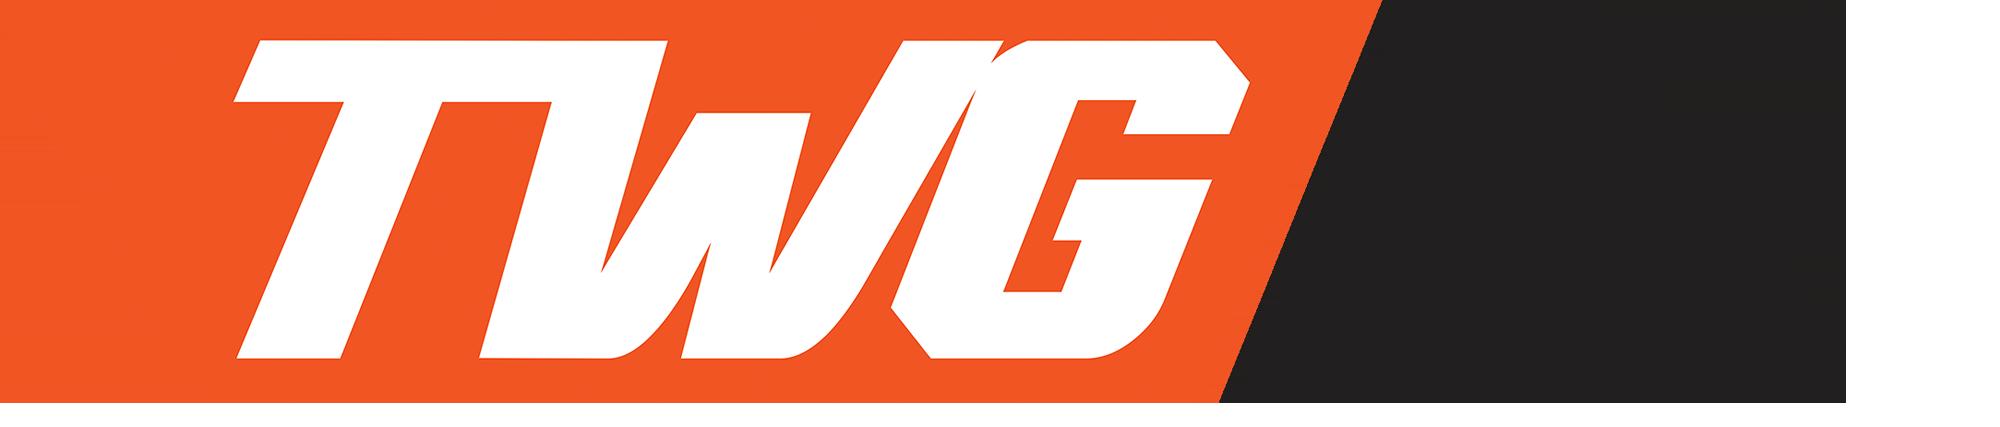 sticky-logo-twgloves